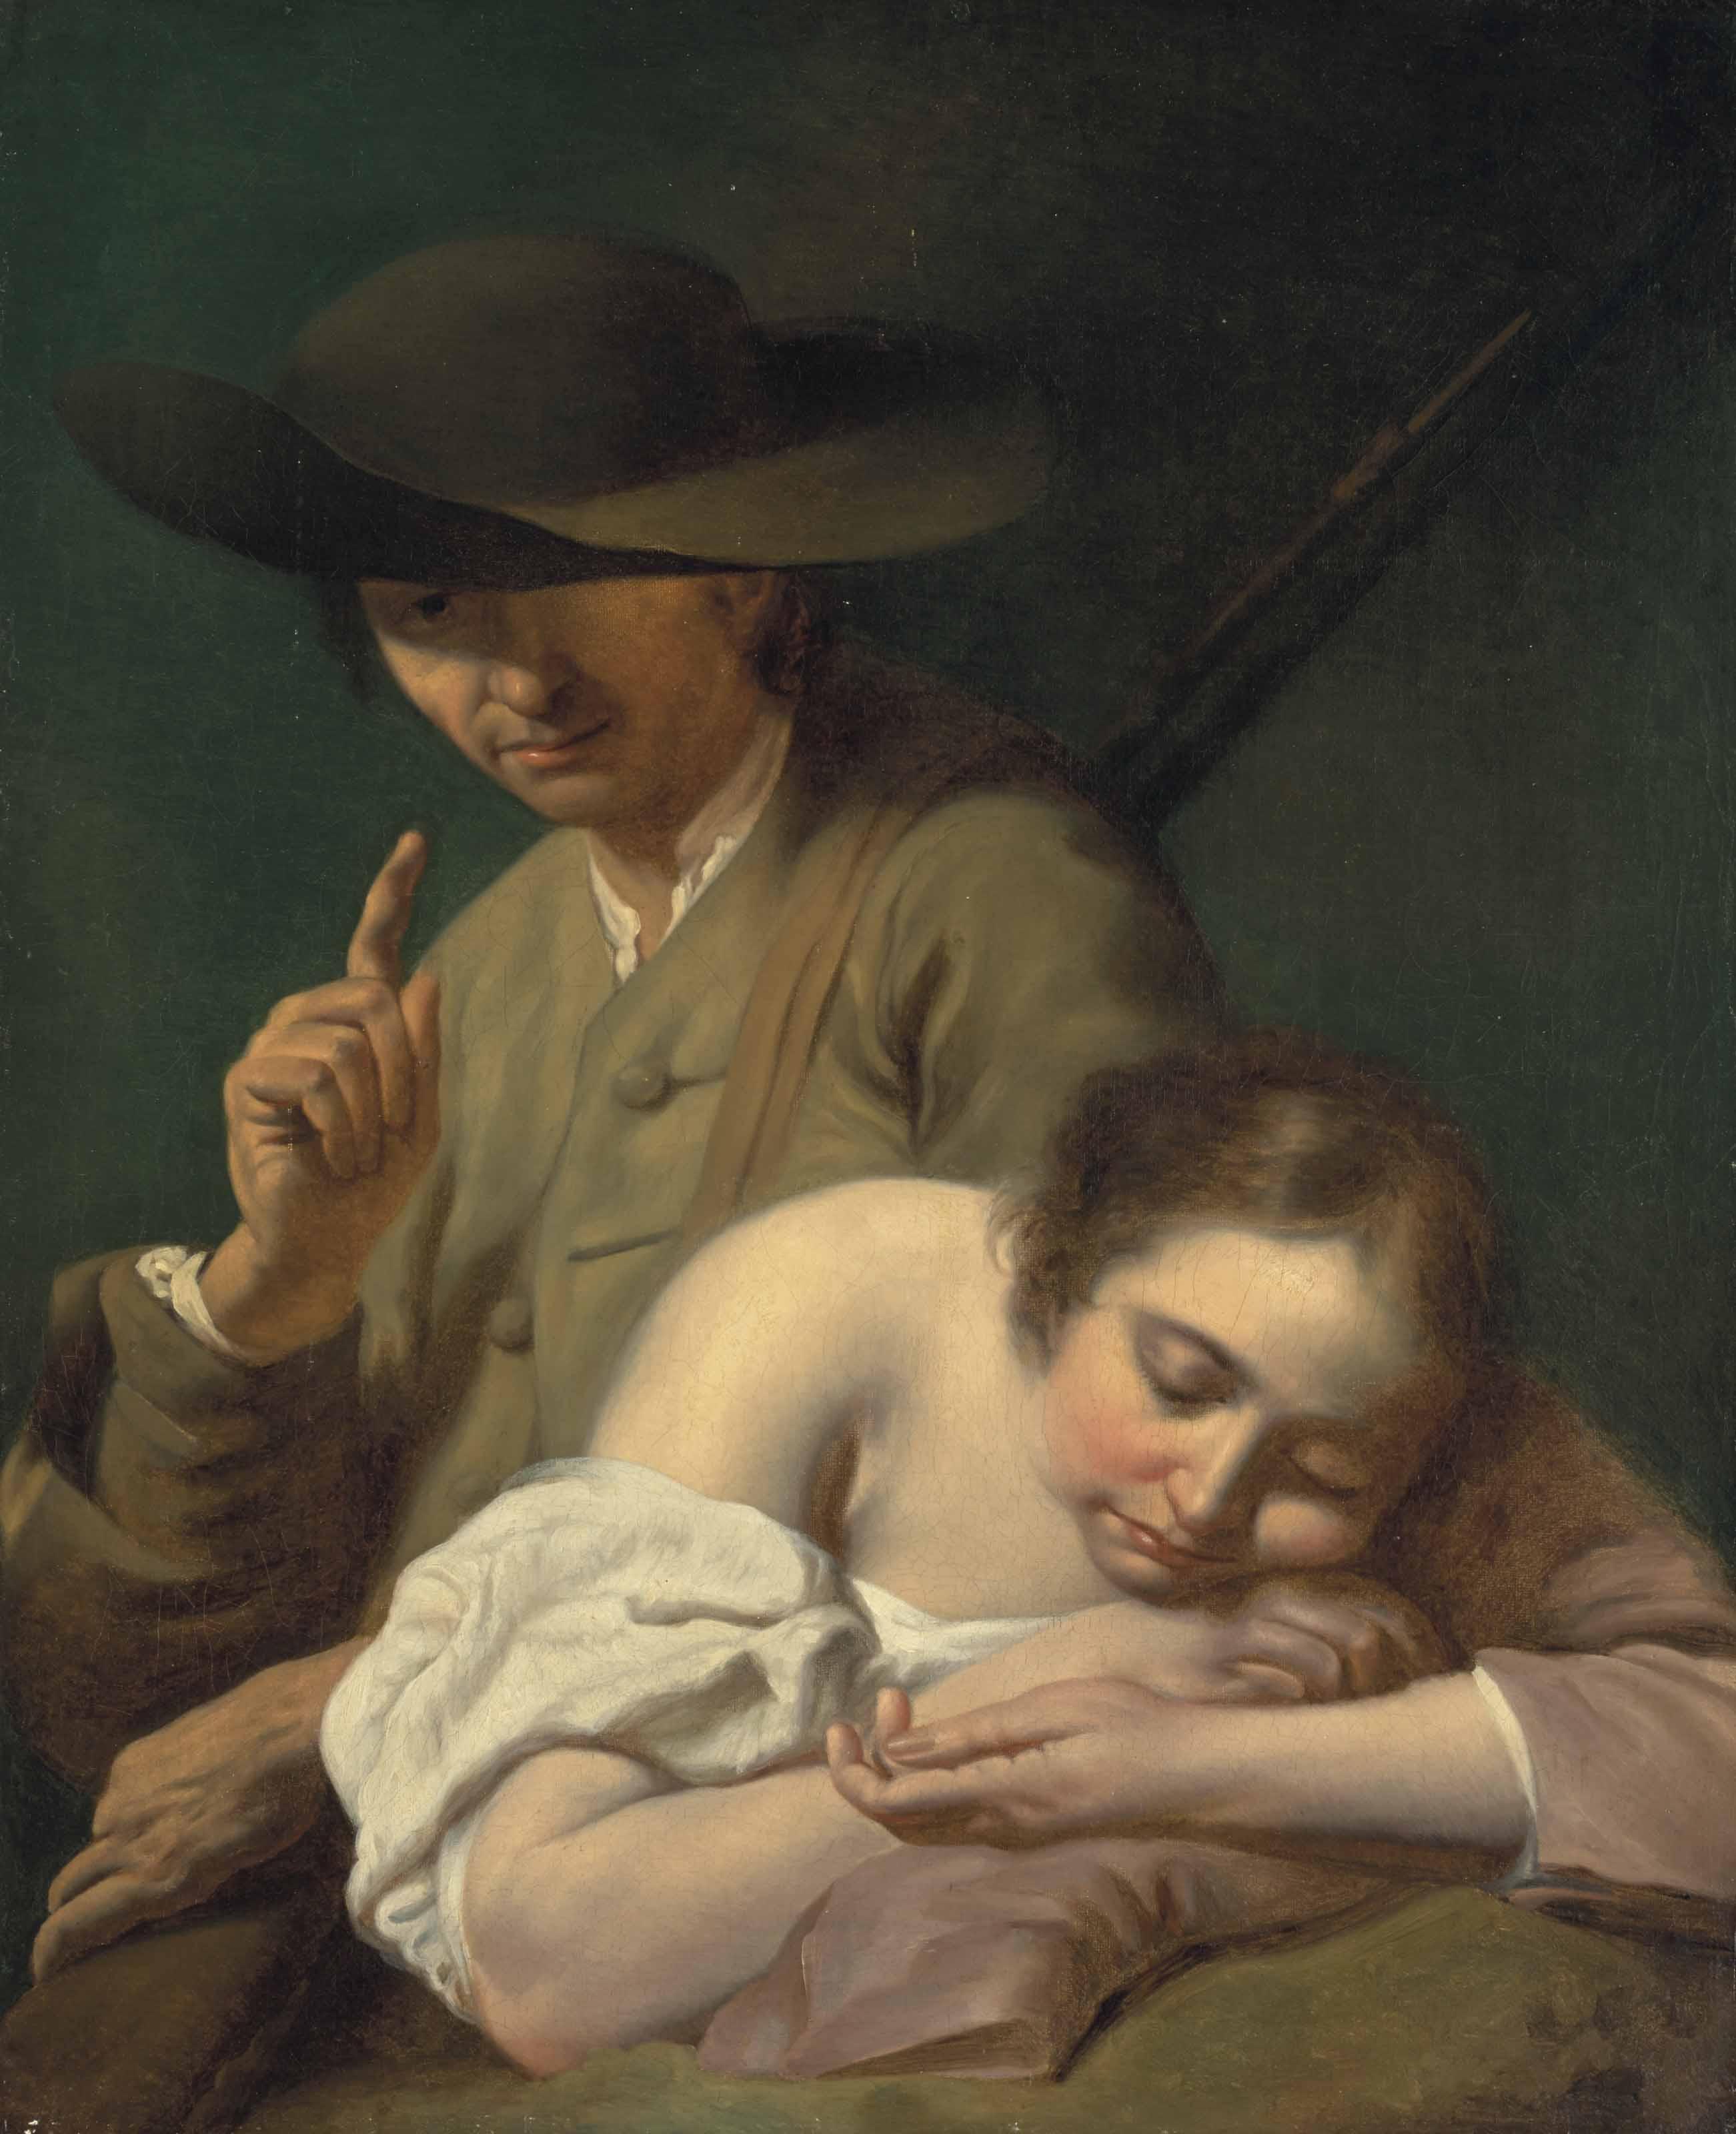 Un chasseur près d'une femme endormie